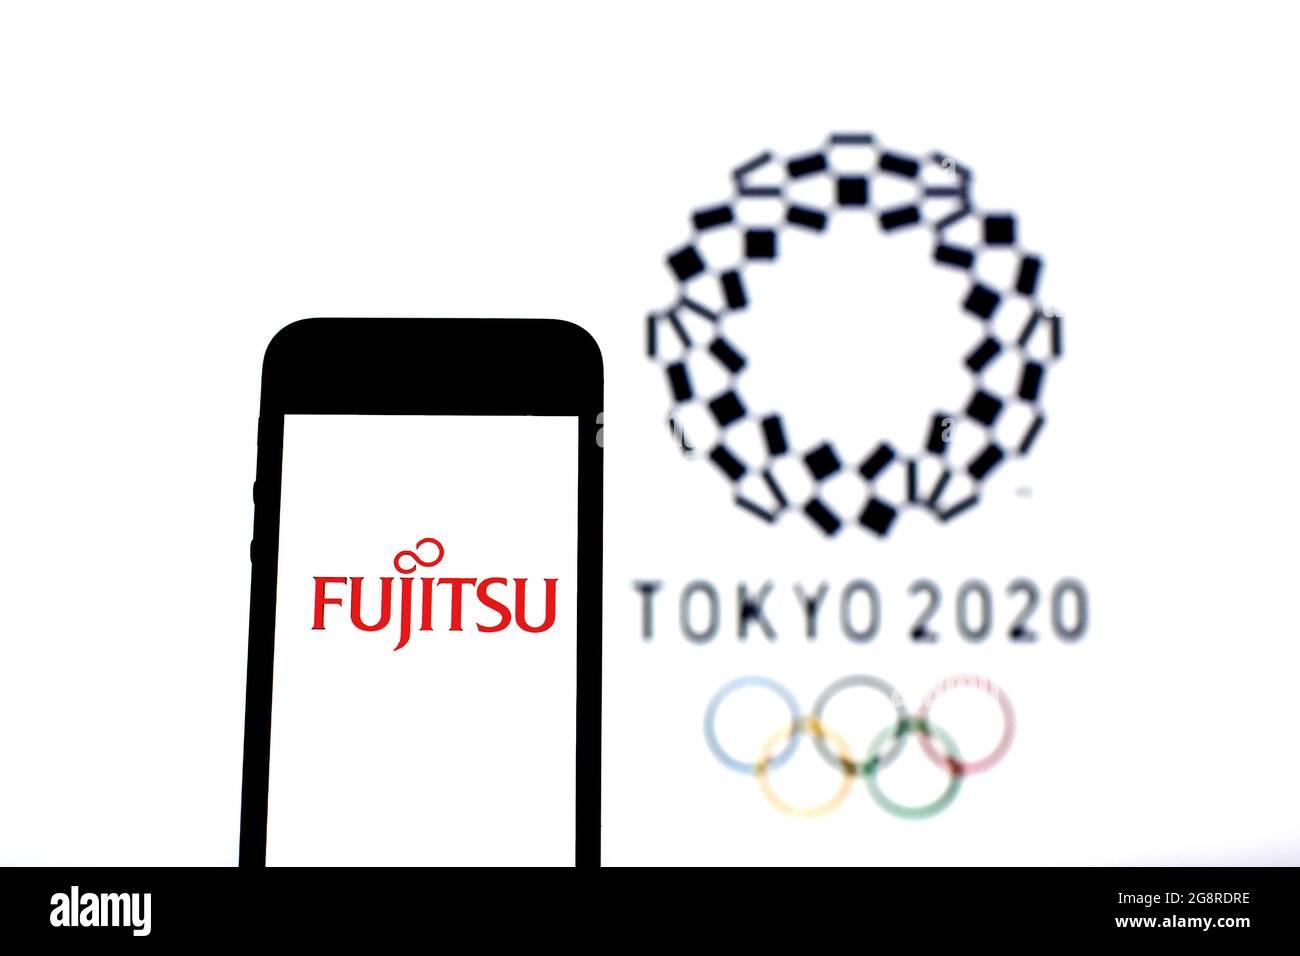 Espagne. 20 juillet 2021. Sur cette photo, un logo Fujitsu Ltd. Apparaît sur un smartphone avec le logo Tokyo 2020 Olympic Games en arrière-plan. (Photo de Thiago Prudencio/SOPA Images/Sipa USA) crédit: SIPA USA/Alay Live News Banque D'Images